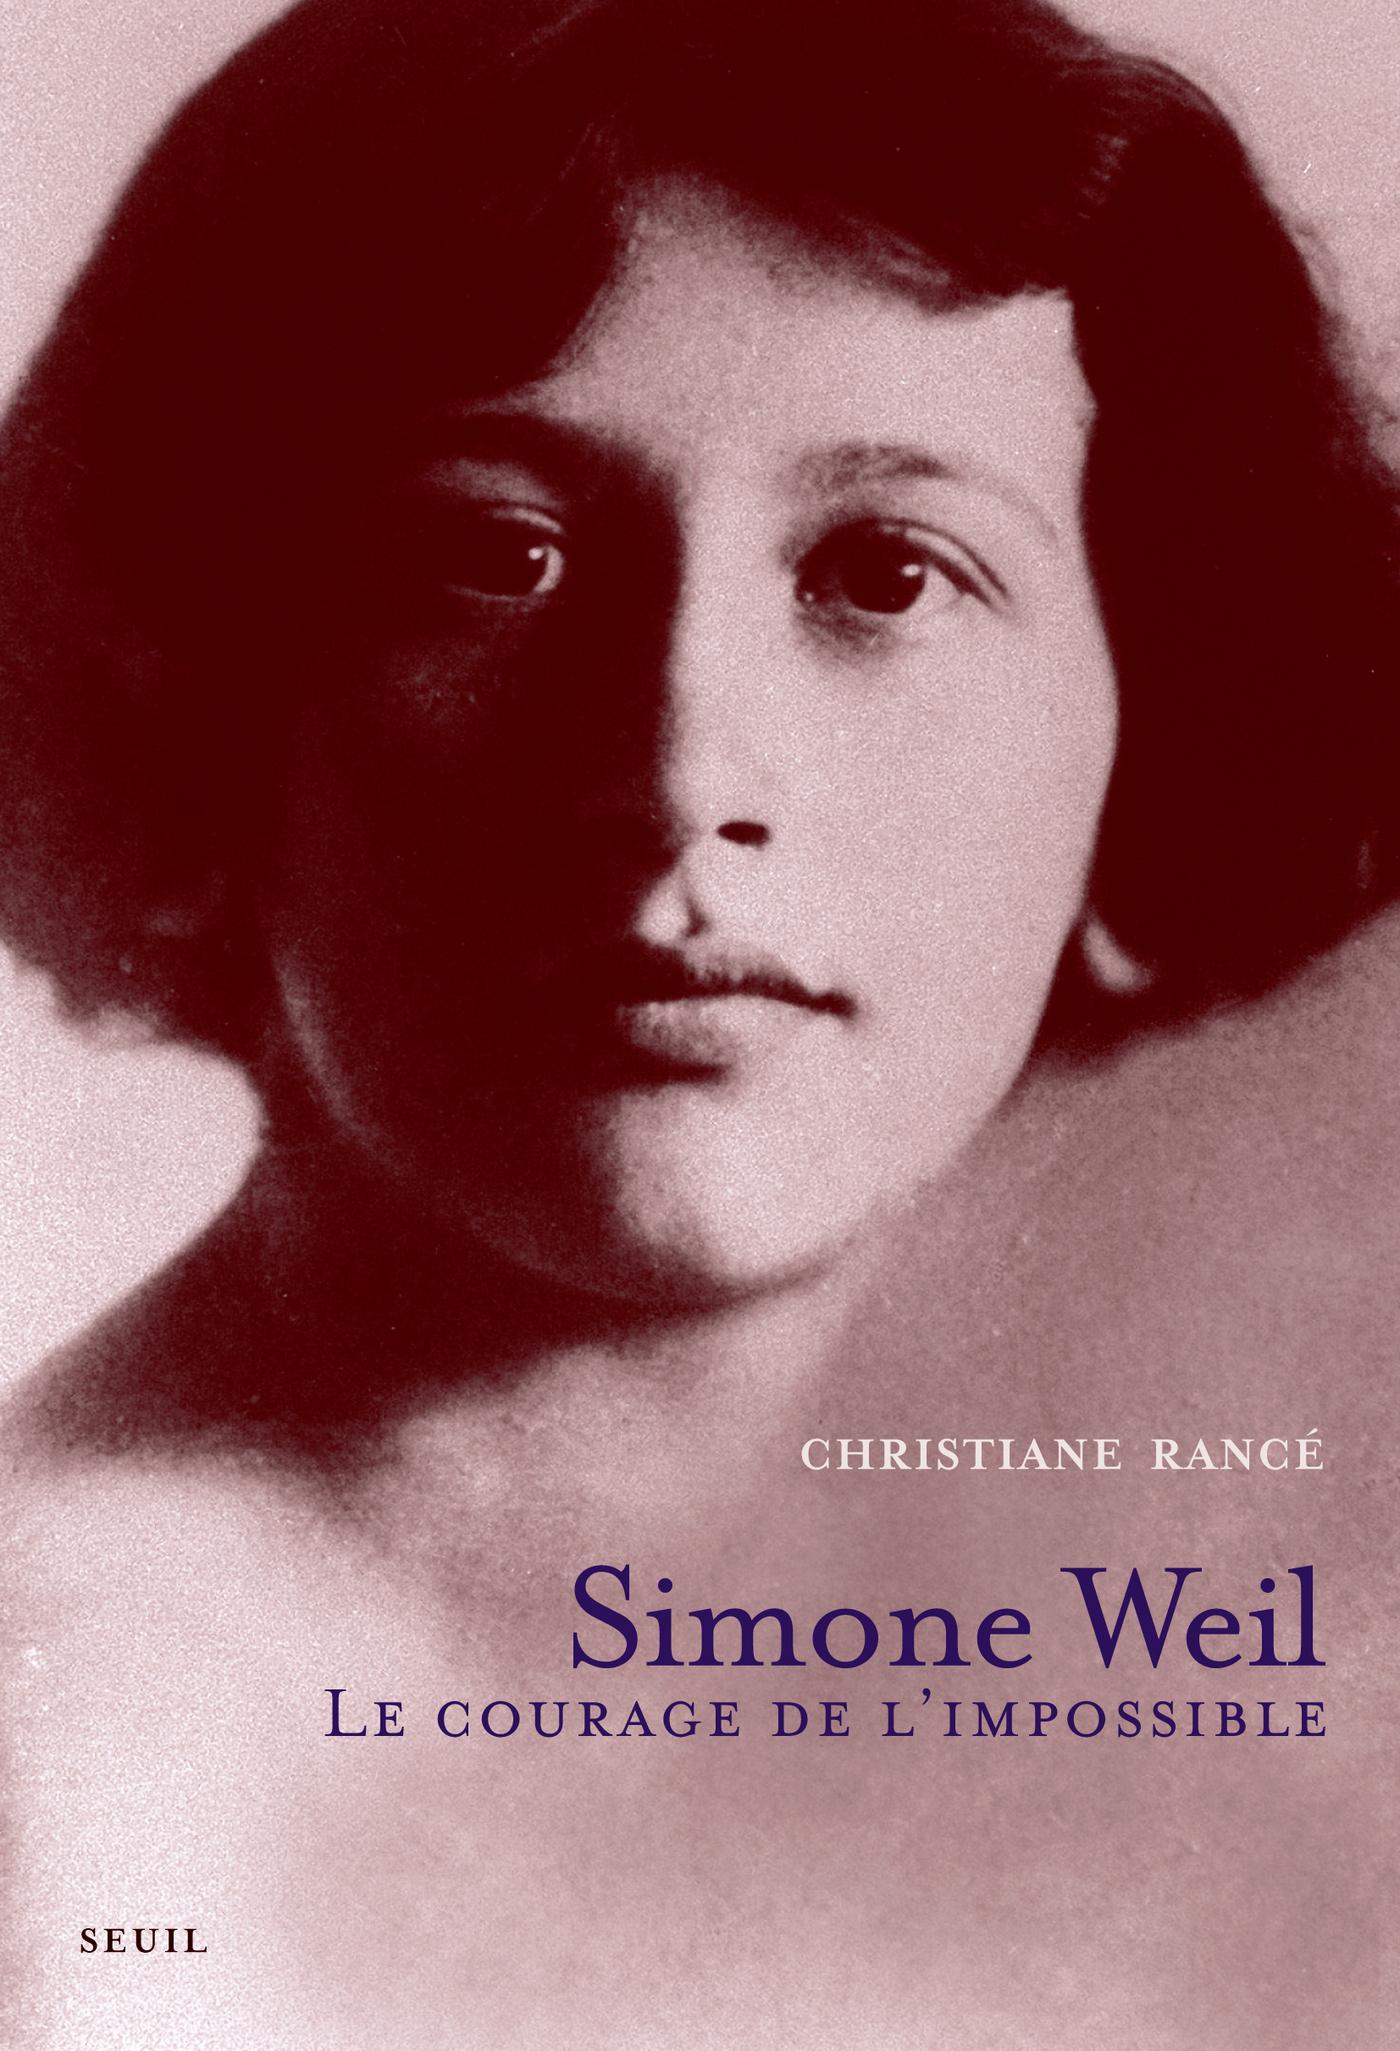 Simone Weil. Le courage de l'impossible